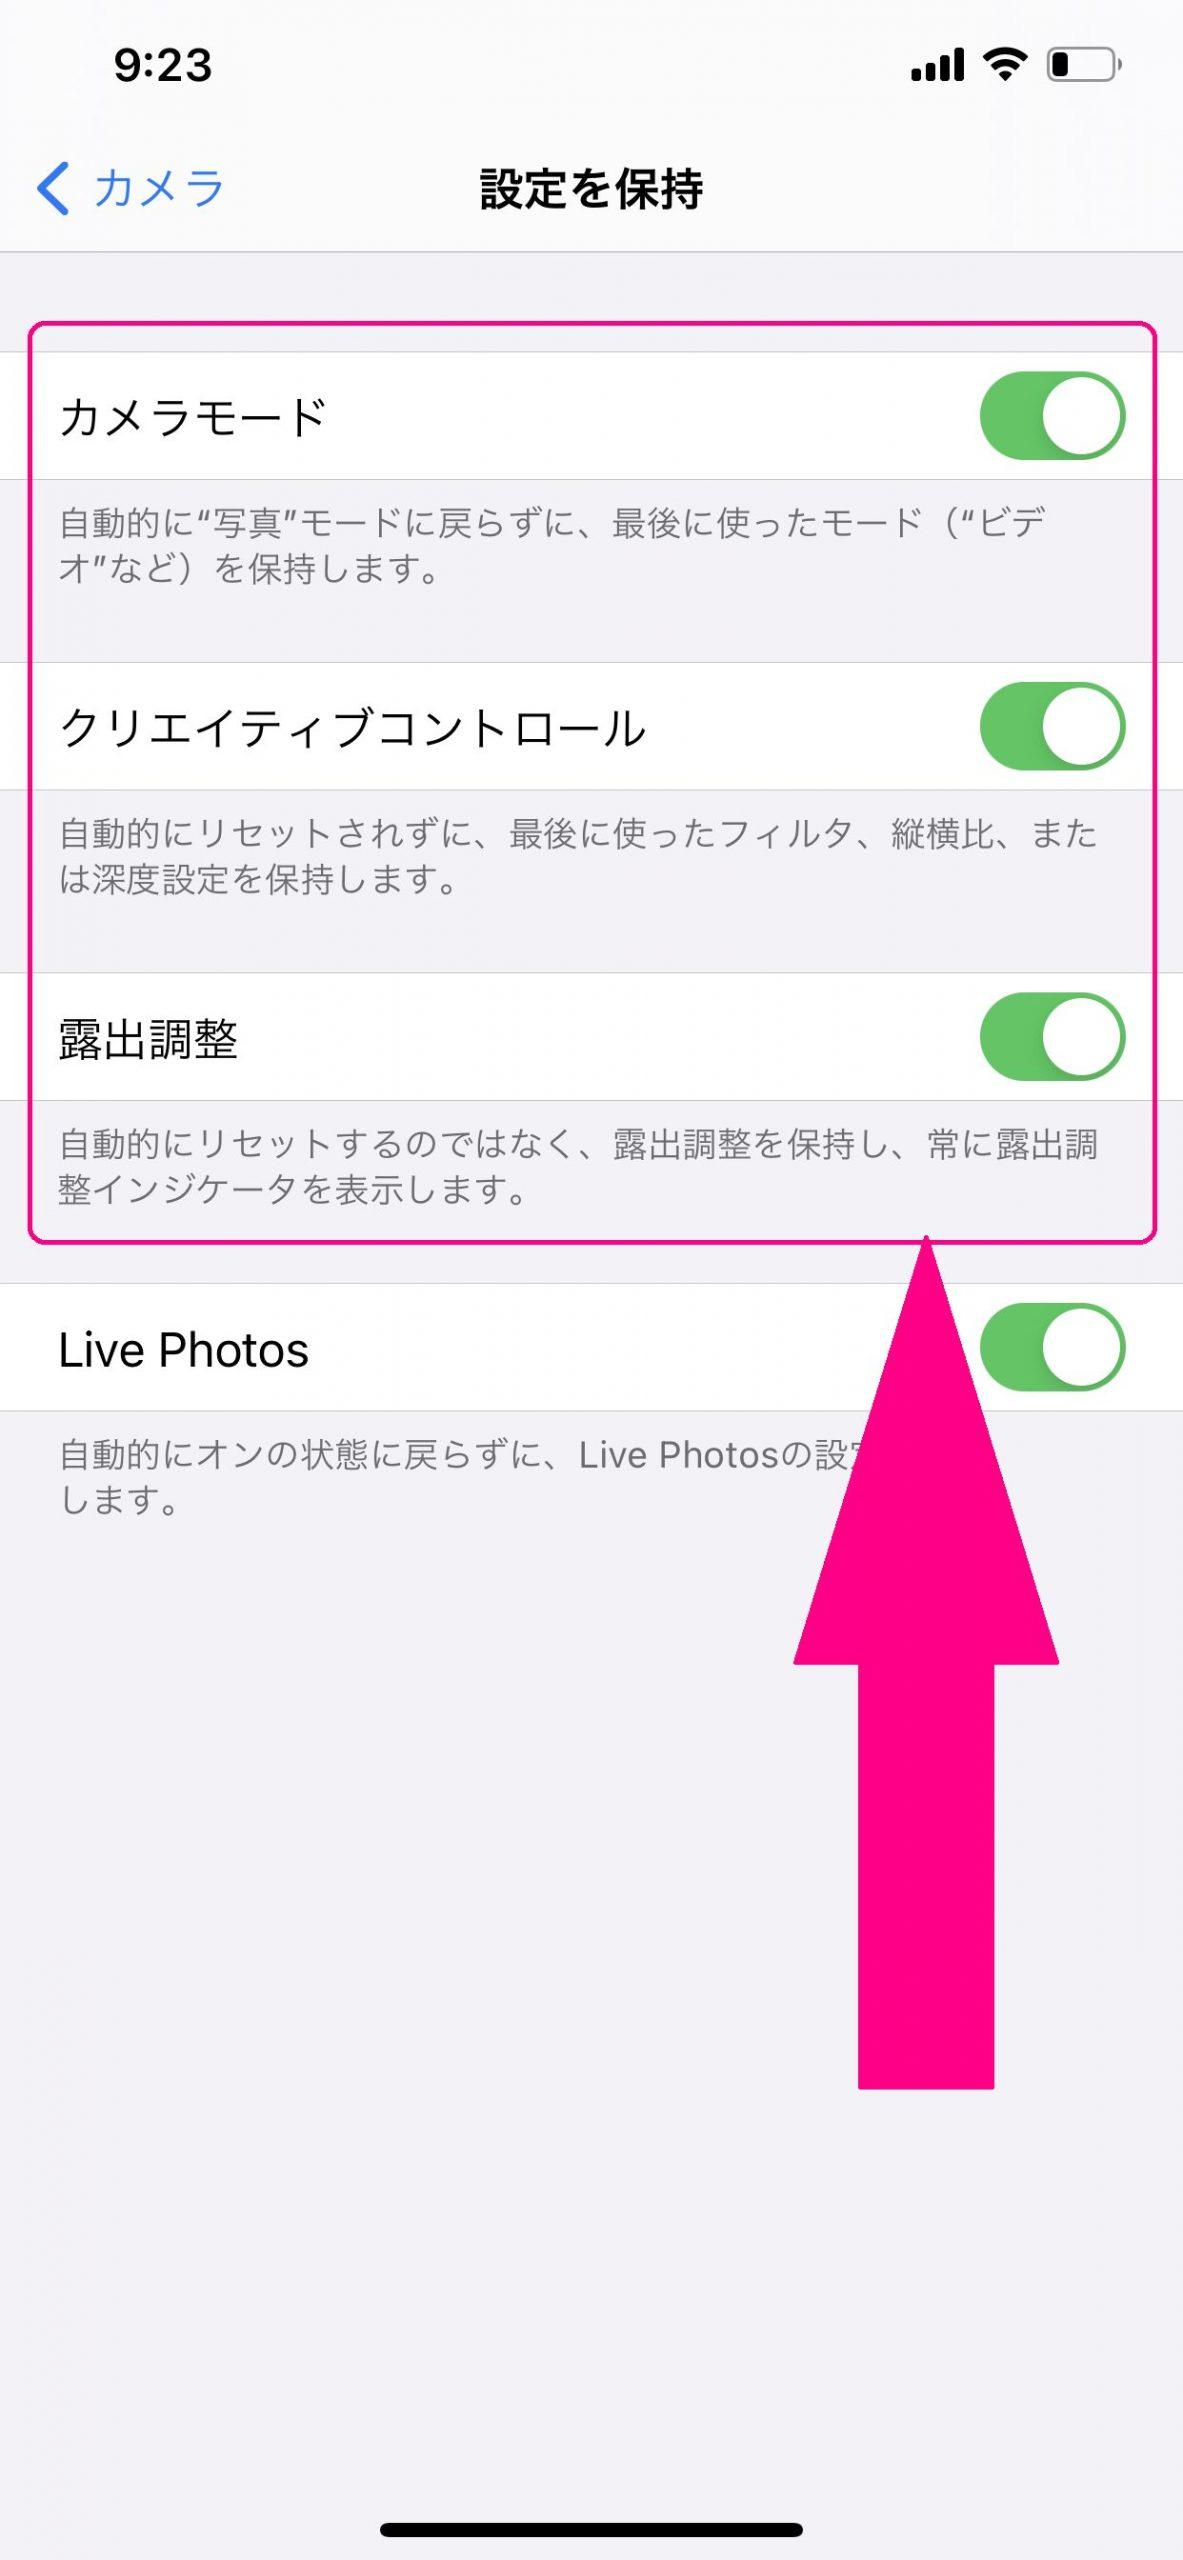 LivePhotos